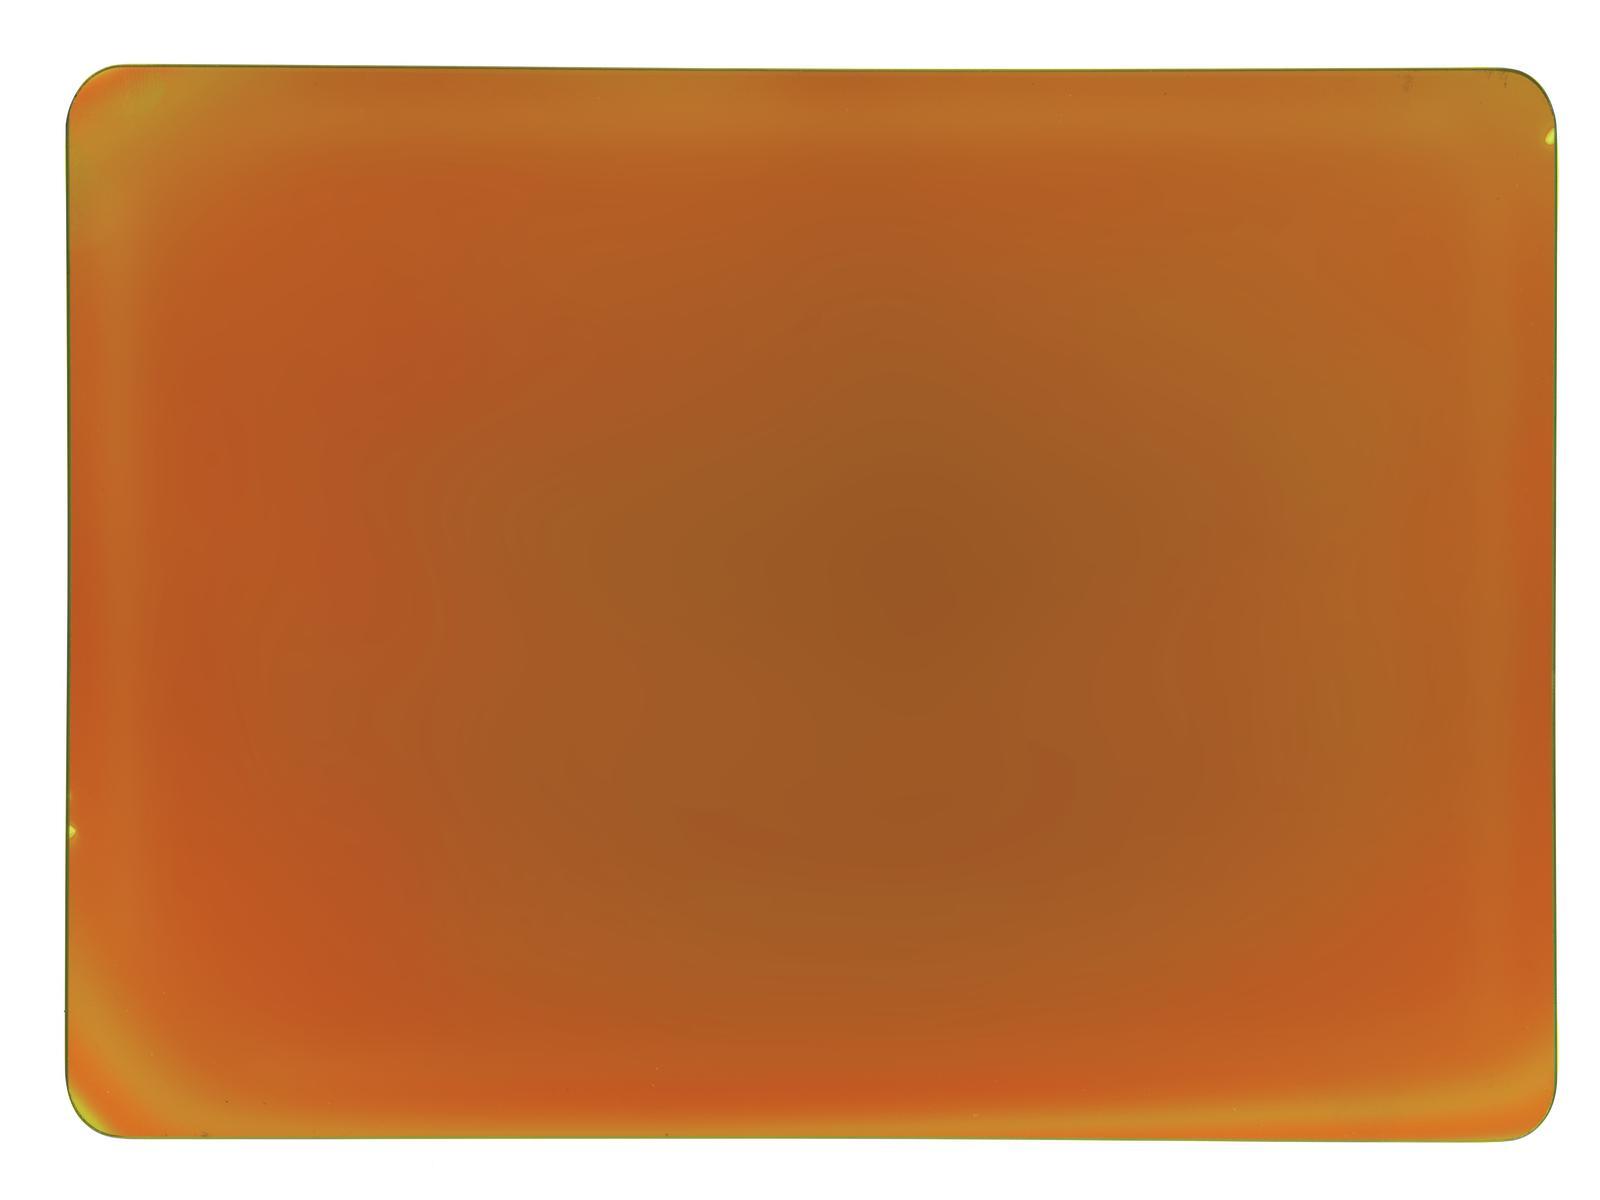 EUROLITE Filtro Dichro arancione, 258x185x3mm, trasparente